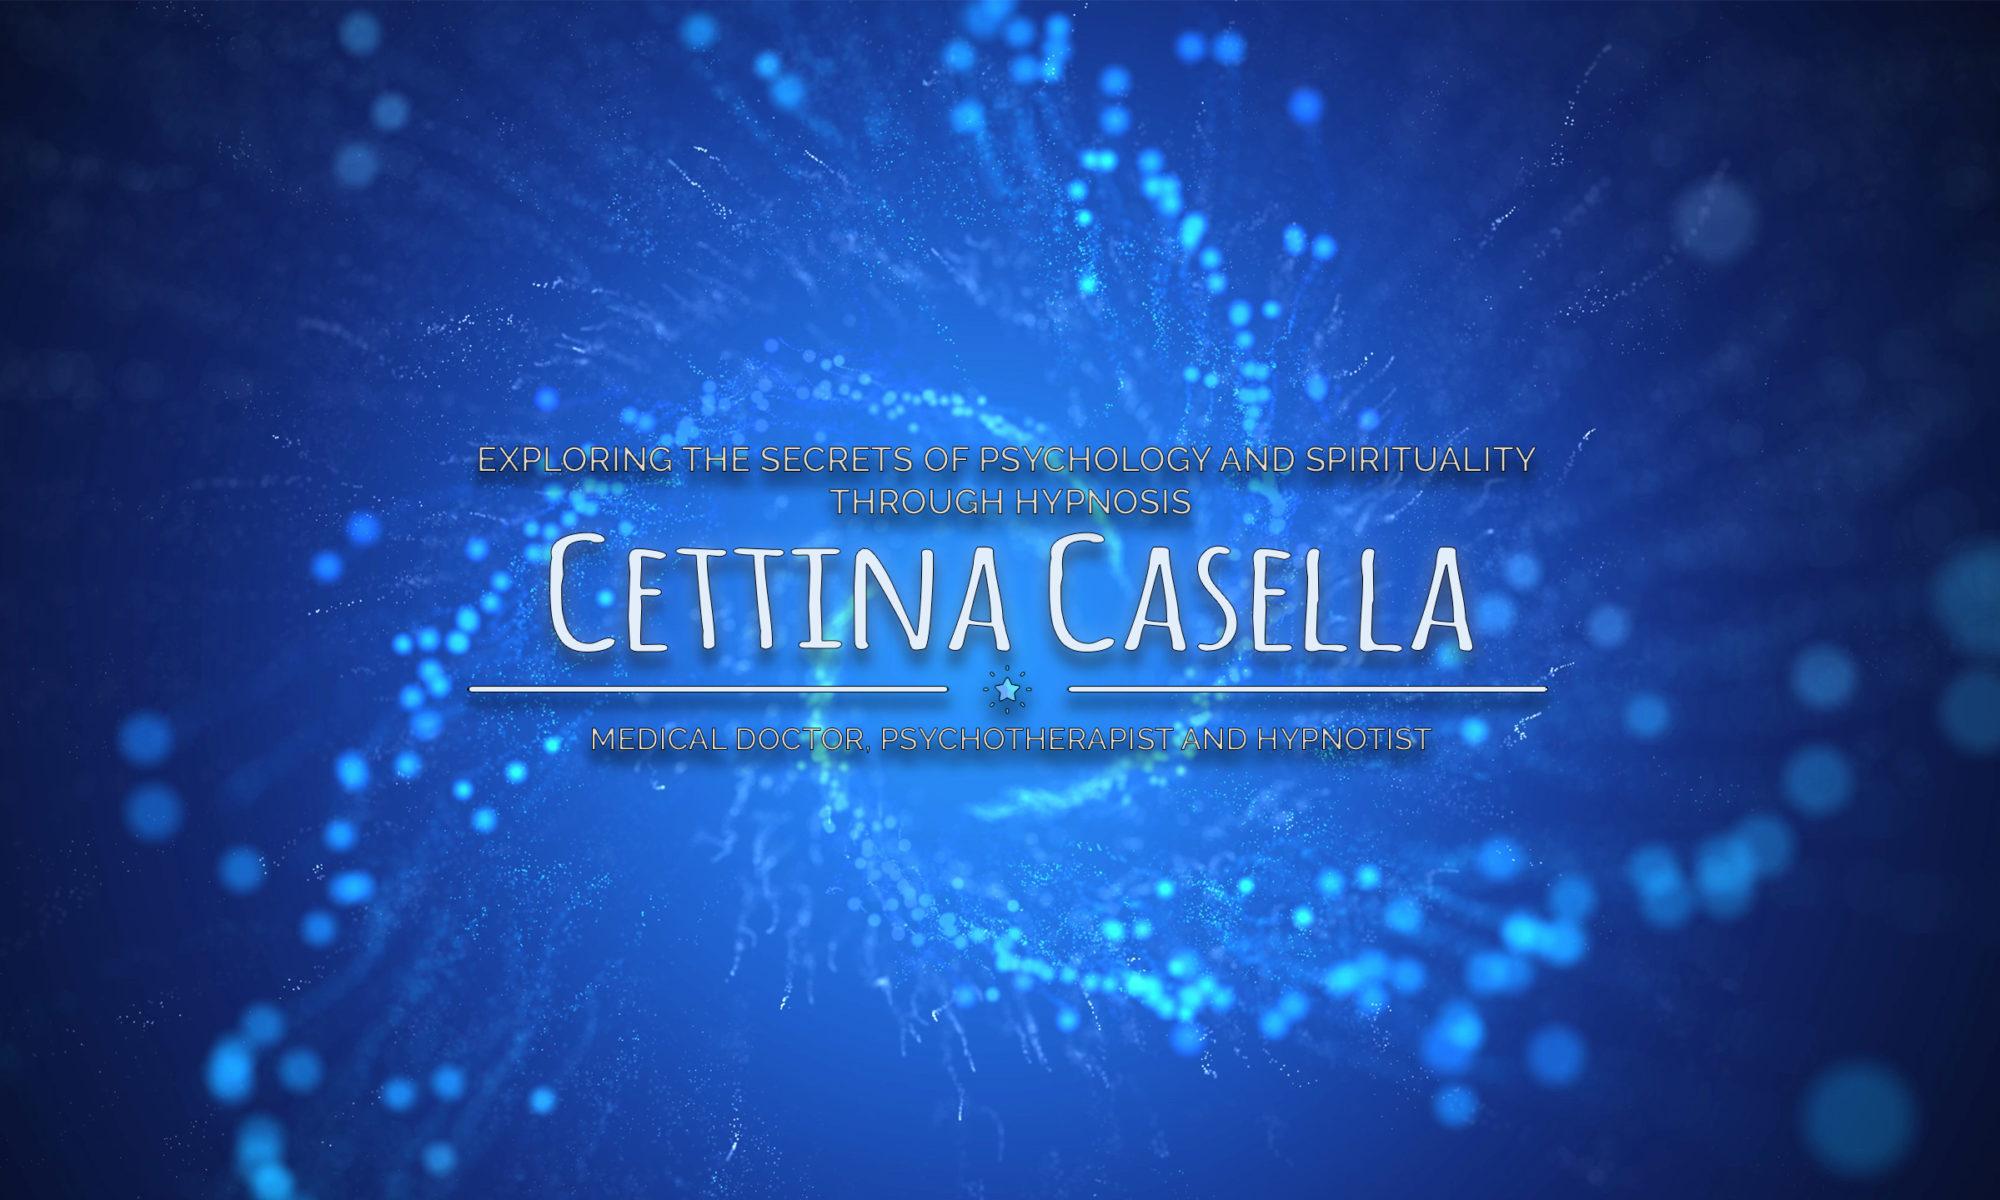 Cettina Casella